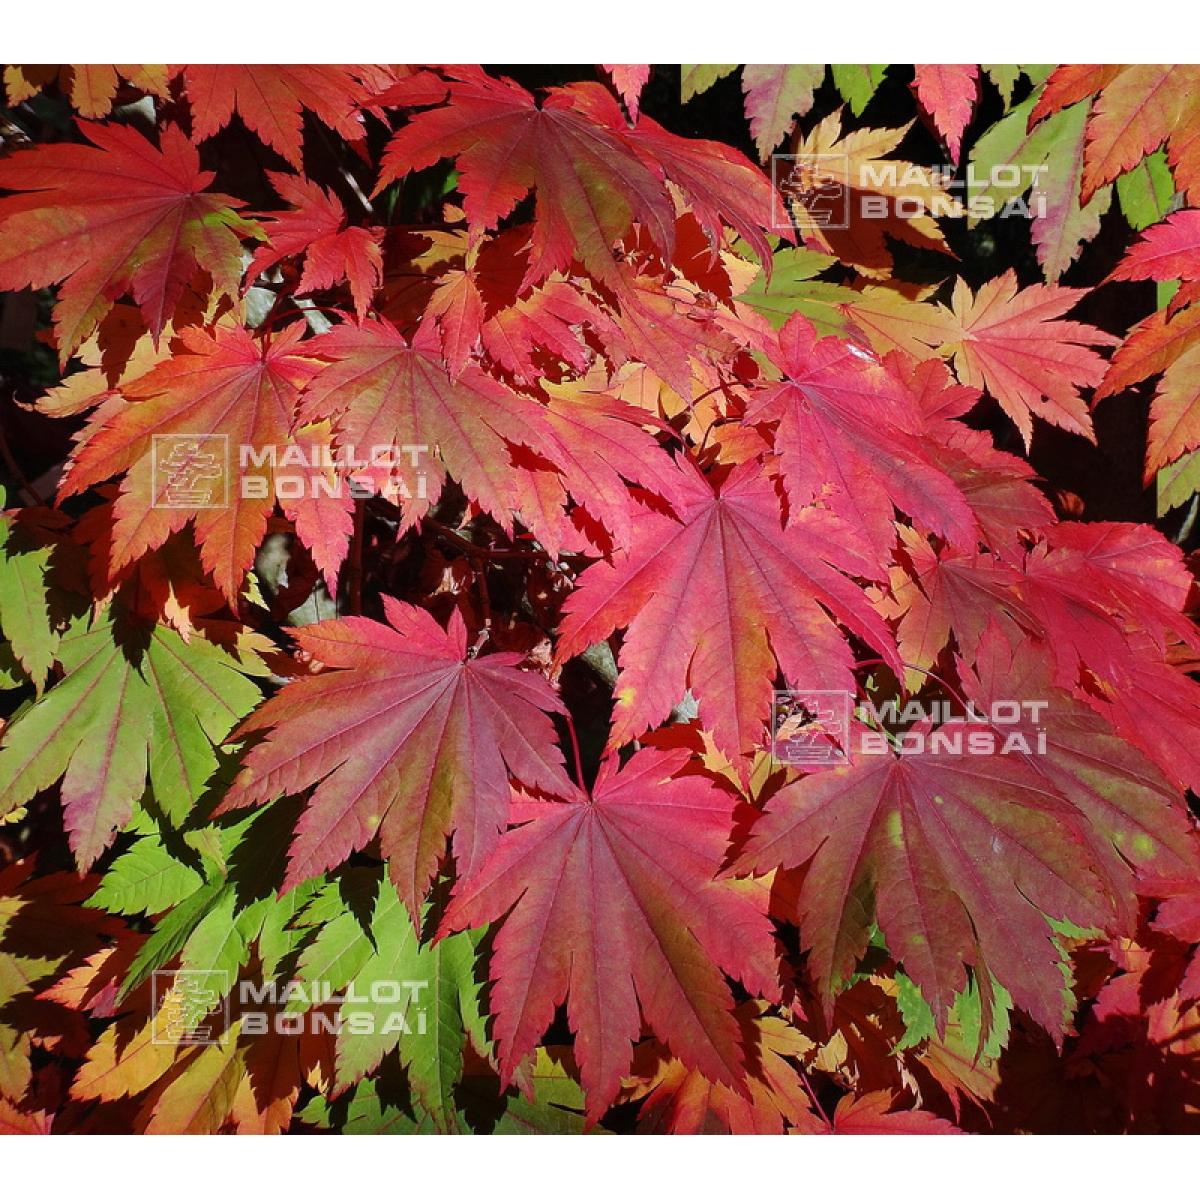 Acer Seeds And More Acer Shirasawanum Seeds Kinkakure From Maillot